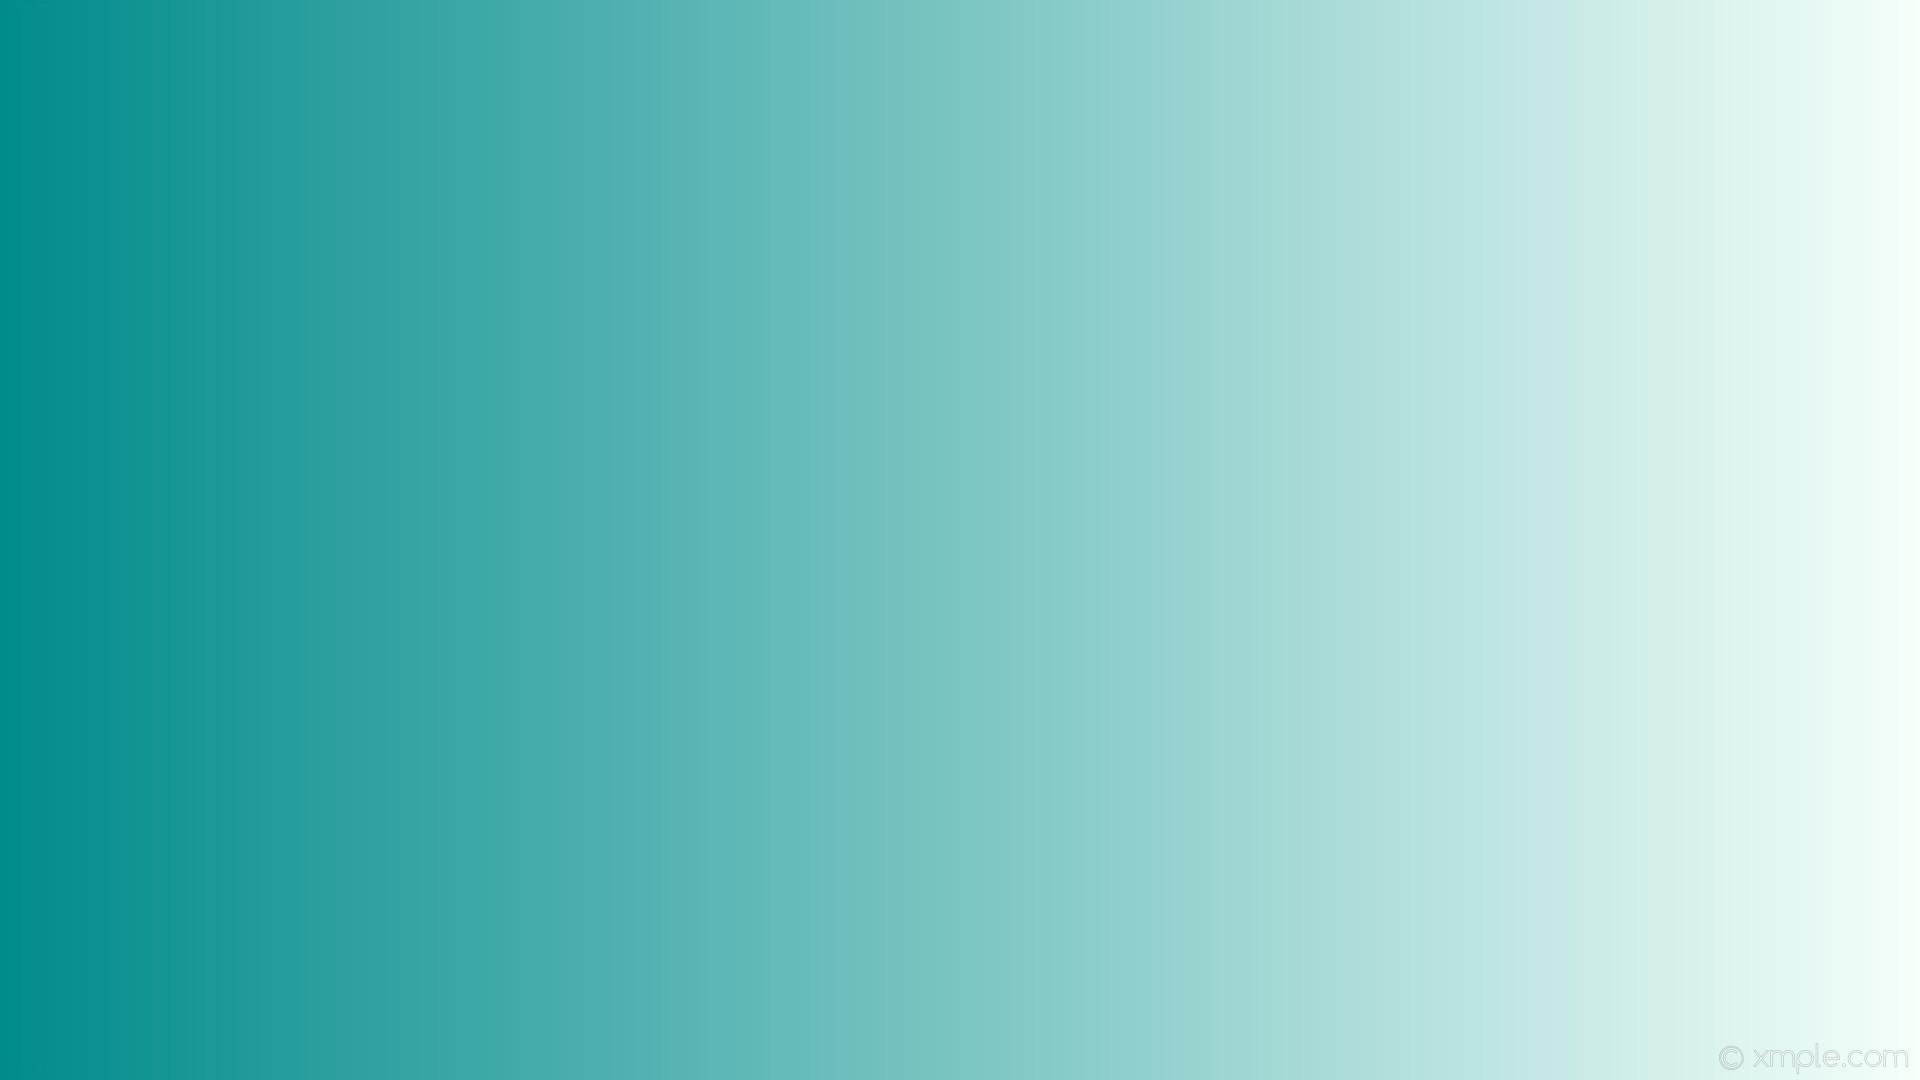 wallpaper linear gradient green white mint cream dark cyan #f5fffa #008b8b  0°